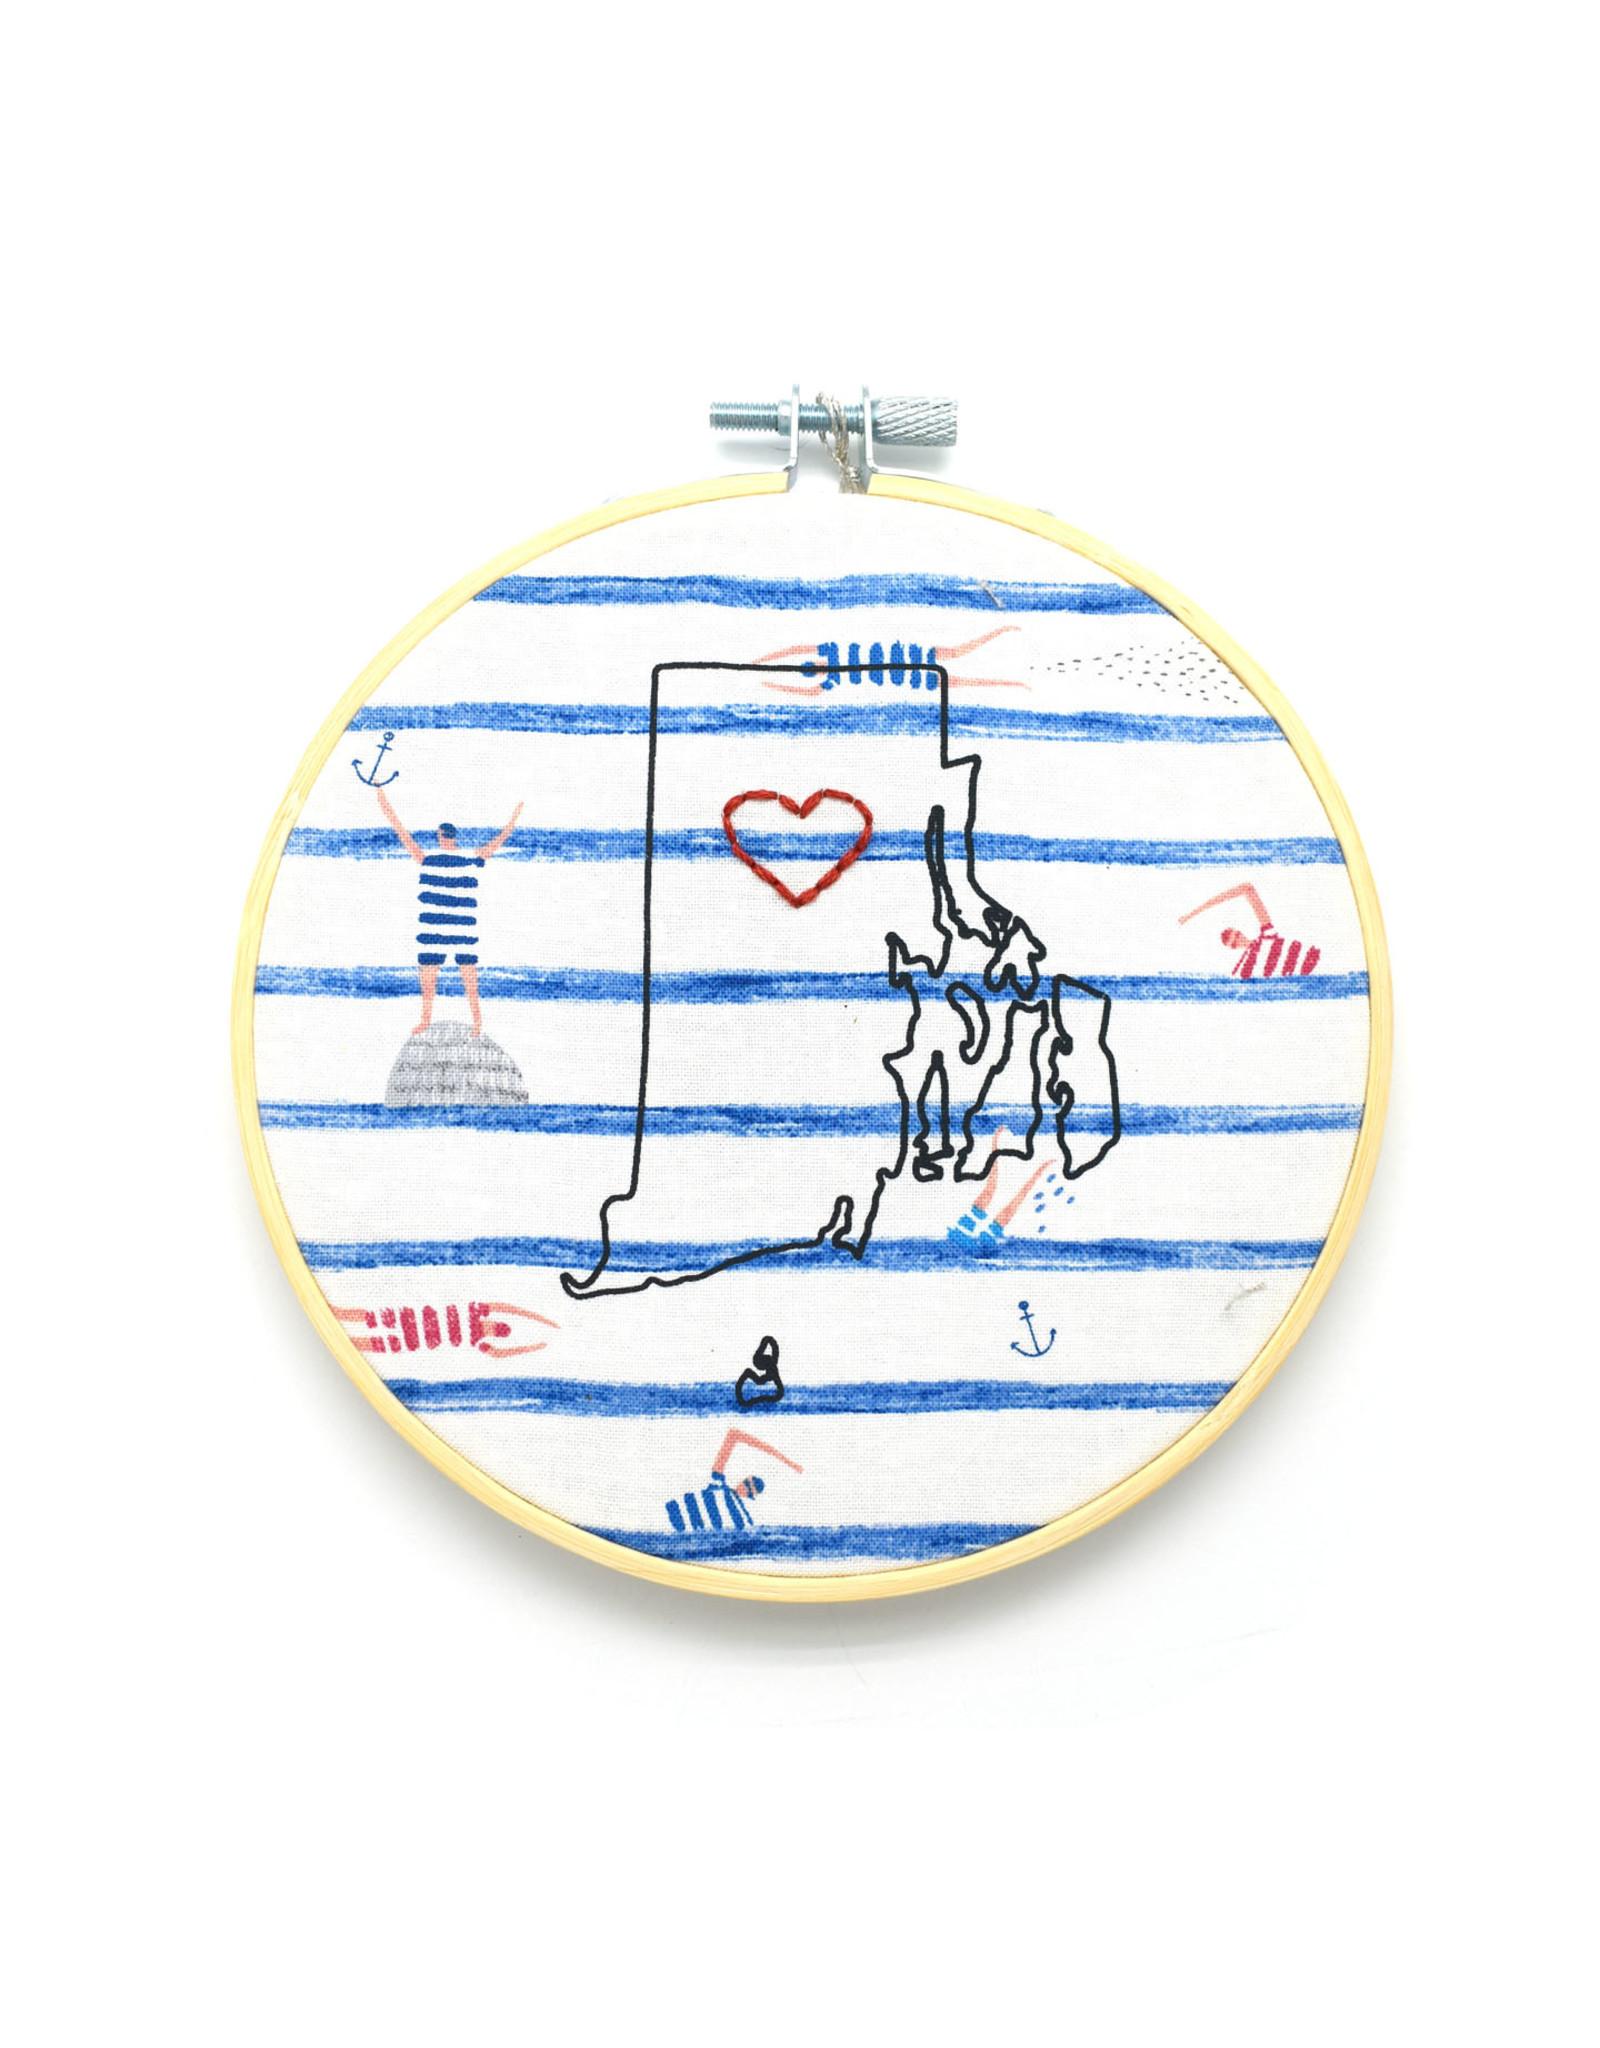 RI Heart Sampler Hoop - Swimmer's Stripes